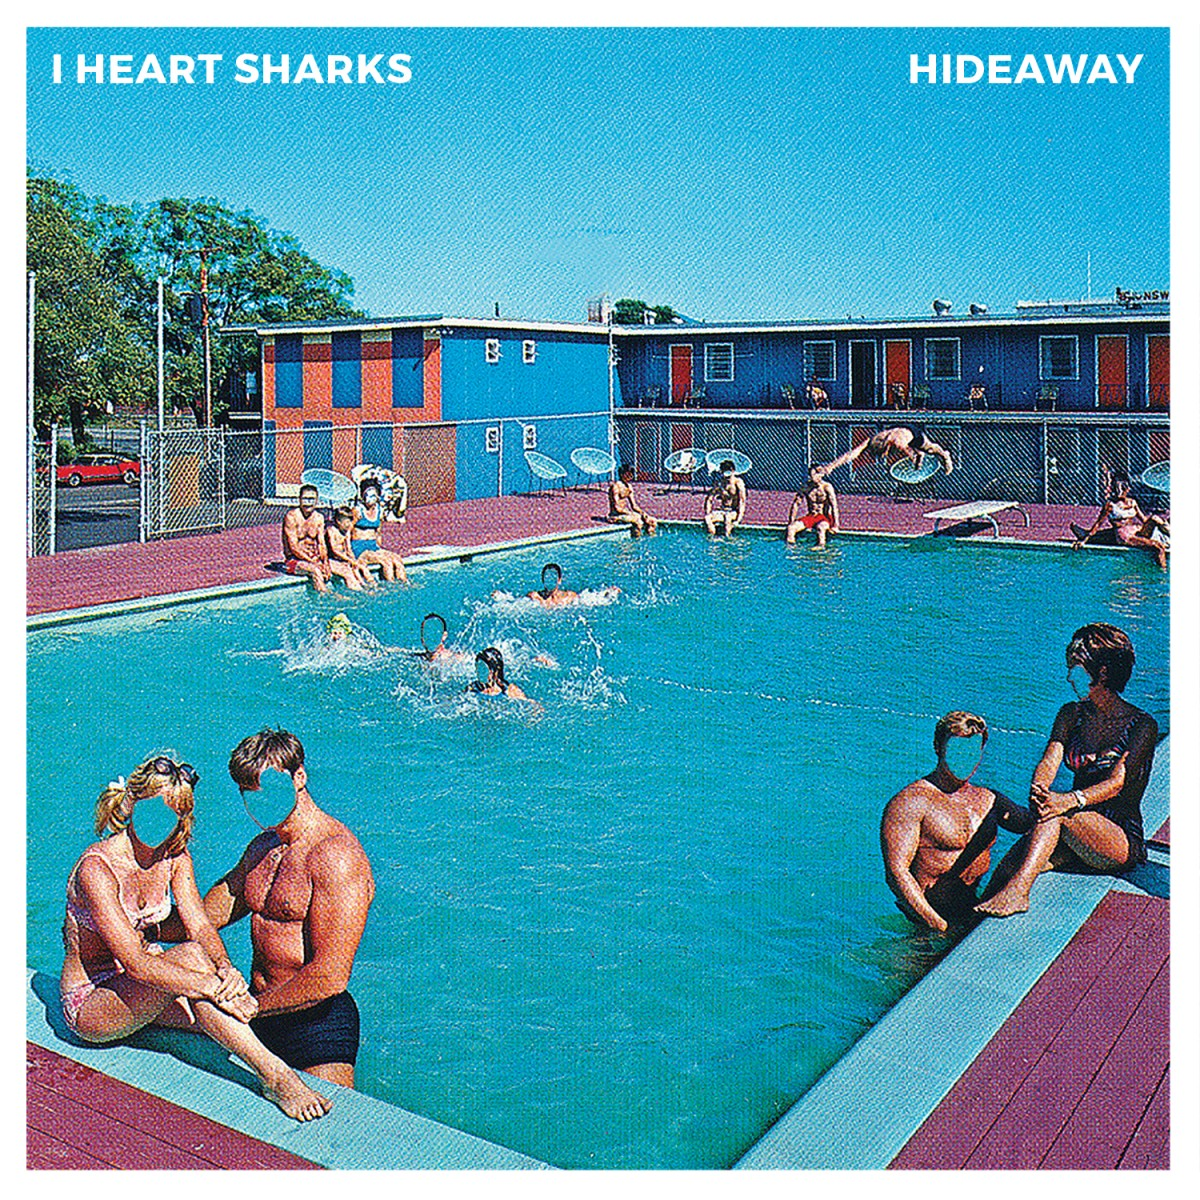 Plattenkritiken: Alex Clare (Tail of Lions) & I Heart Sharks (Hideaway)